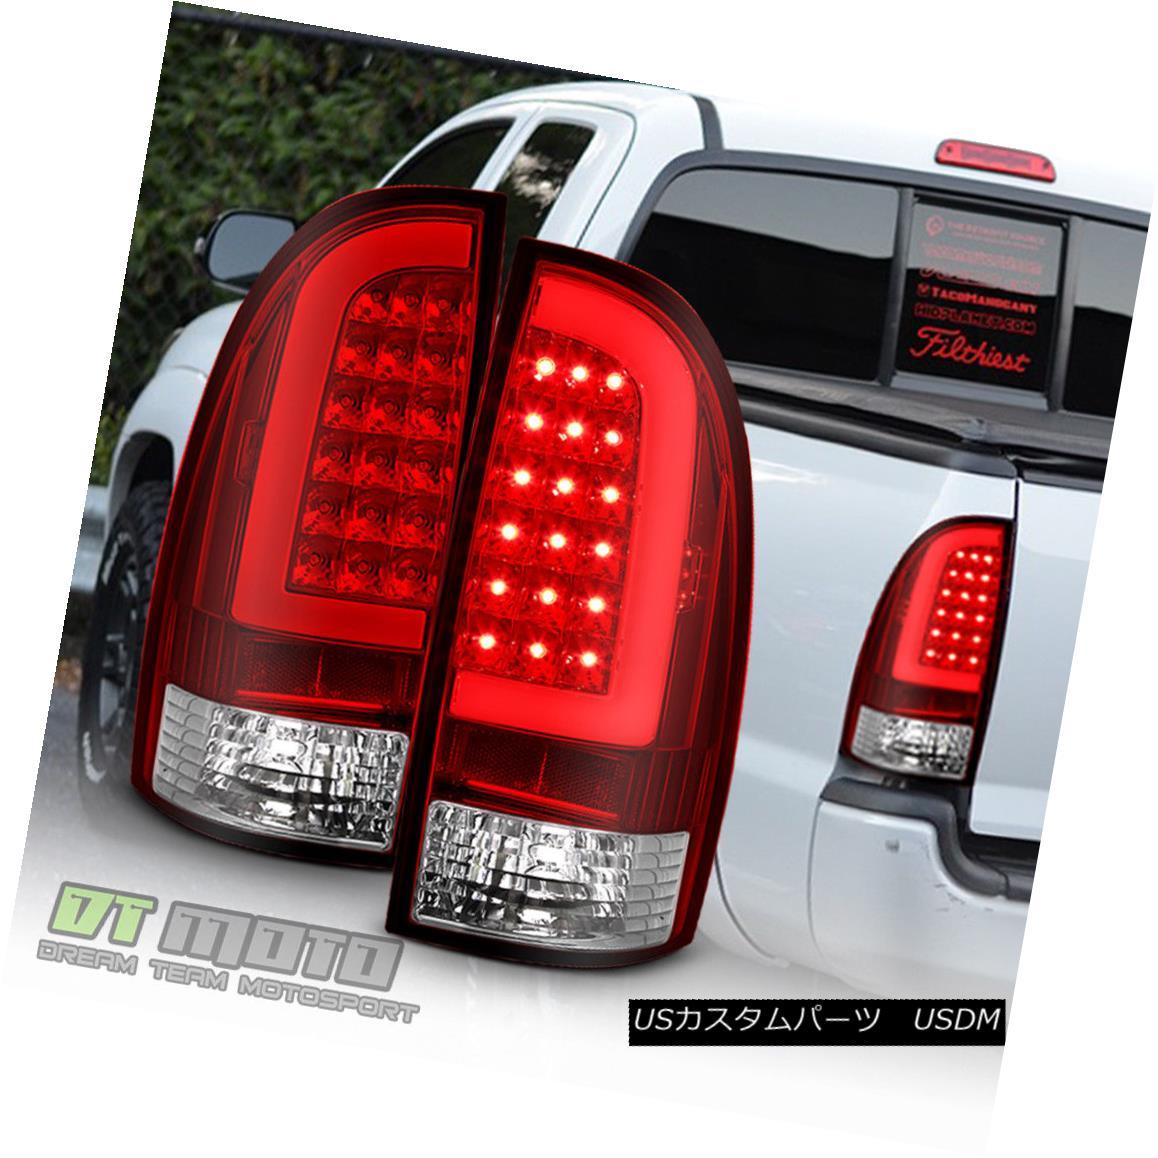 テールライト 2005-2015 Toyota Tacoma LED Tube Tail Lights Lamps 05-15 Taillight Left+Right 2005-2015 Toyota Tacoma LEDチューブテールライトランプ05-15テールライト左+右